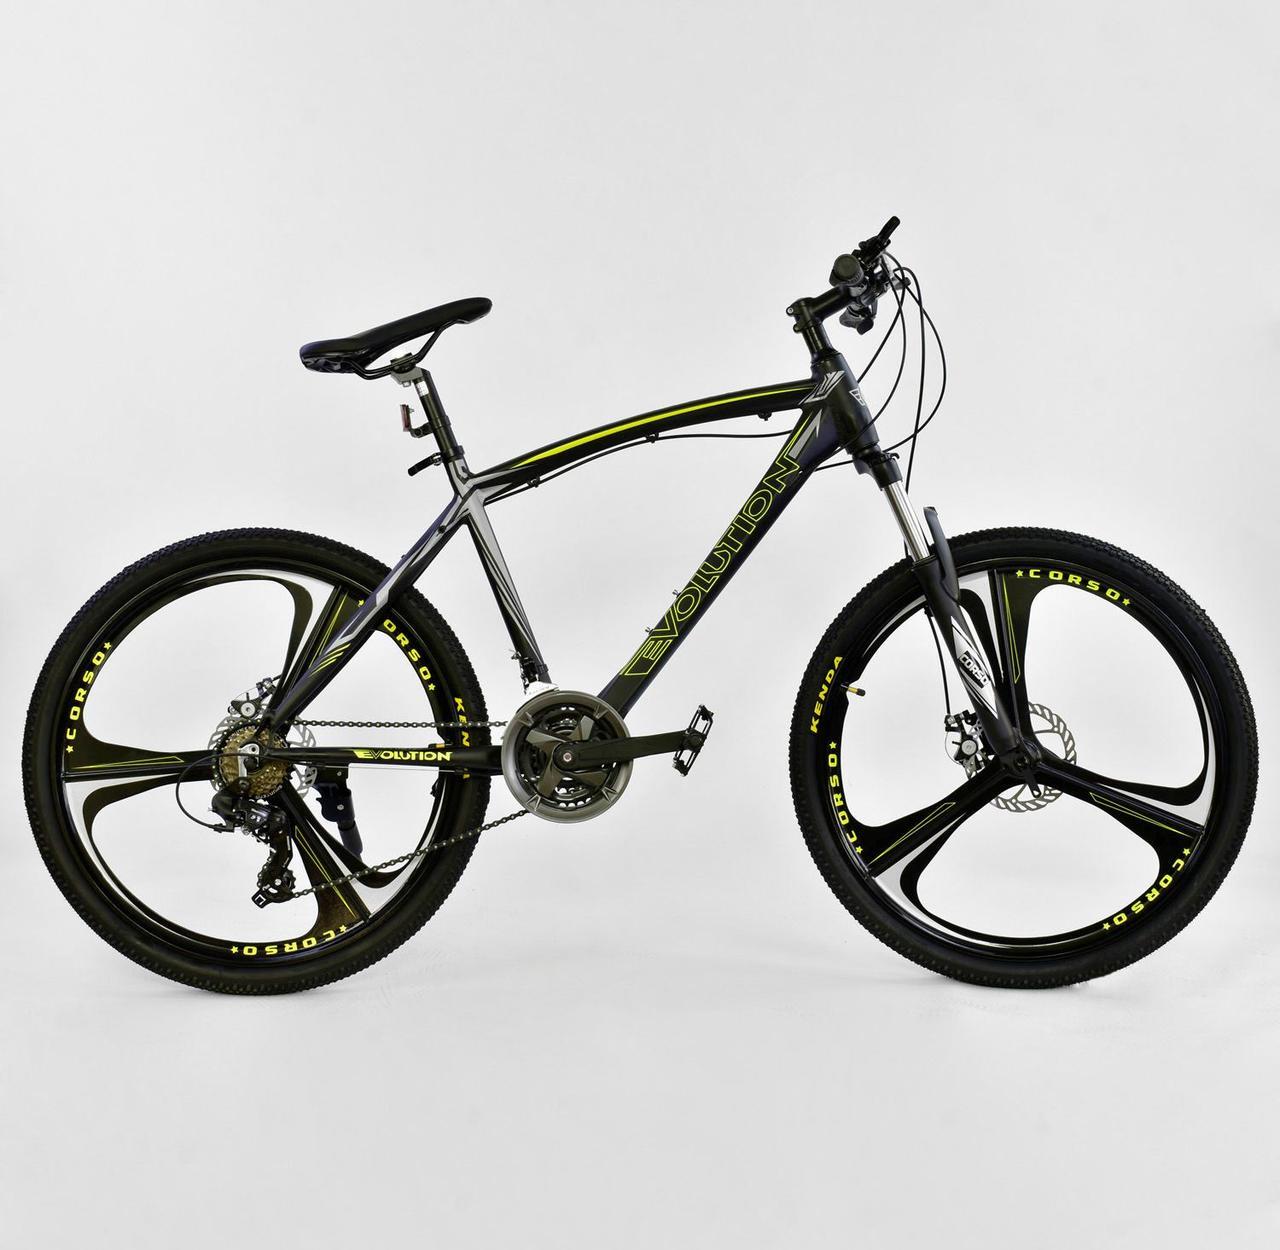 """Велосипед Спортивный CORSO 26""""дюймов JYT 007 - 7277 BLACK-YELLOW EVOLUTION  Алюминий, 24 скорости"""